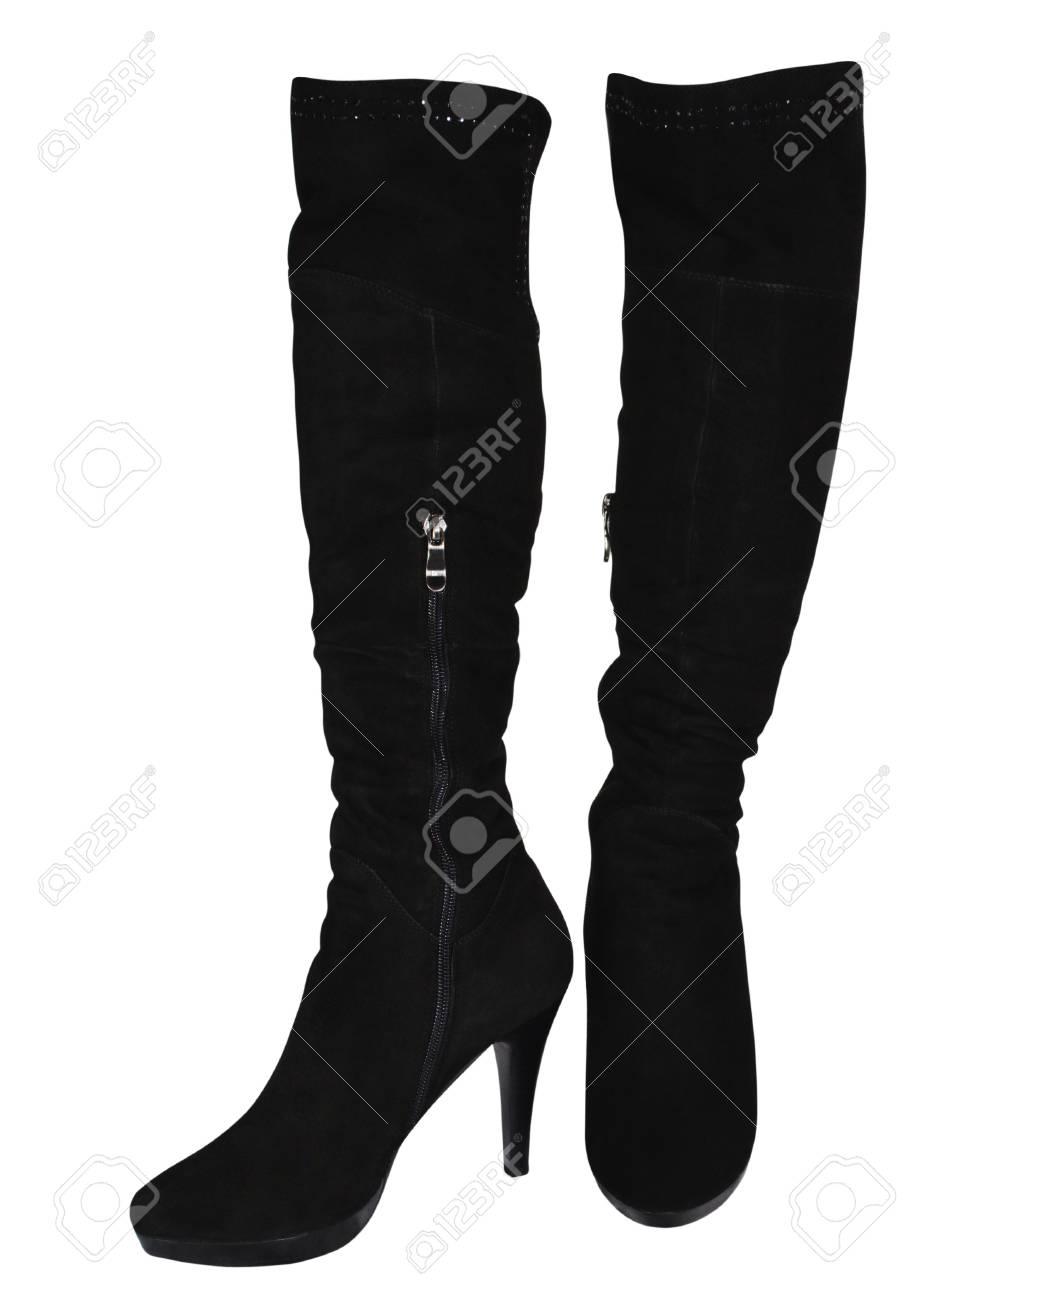 liberar información sobre estilo distintivo la venta de zapatos Las botas femeninas de color negro sobre un tacón alto aislados sobre un  fondo blanco